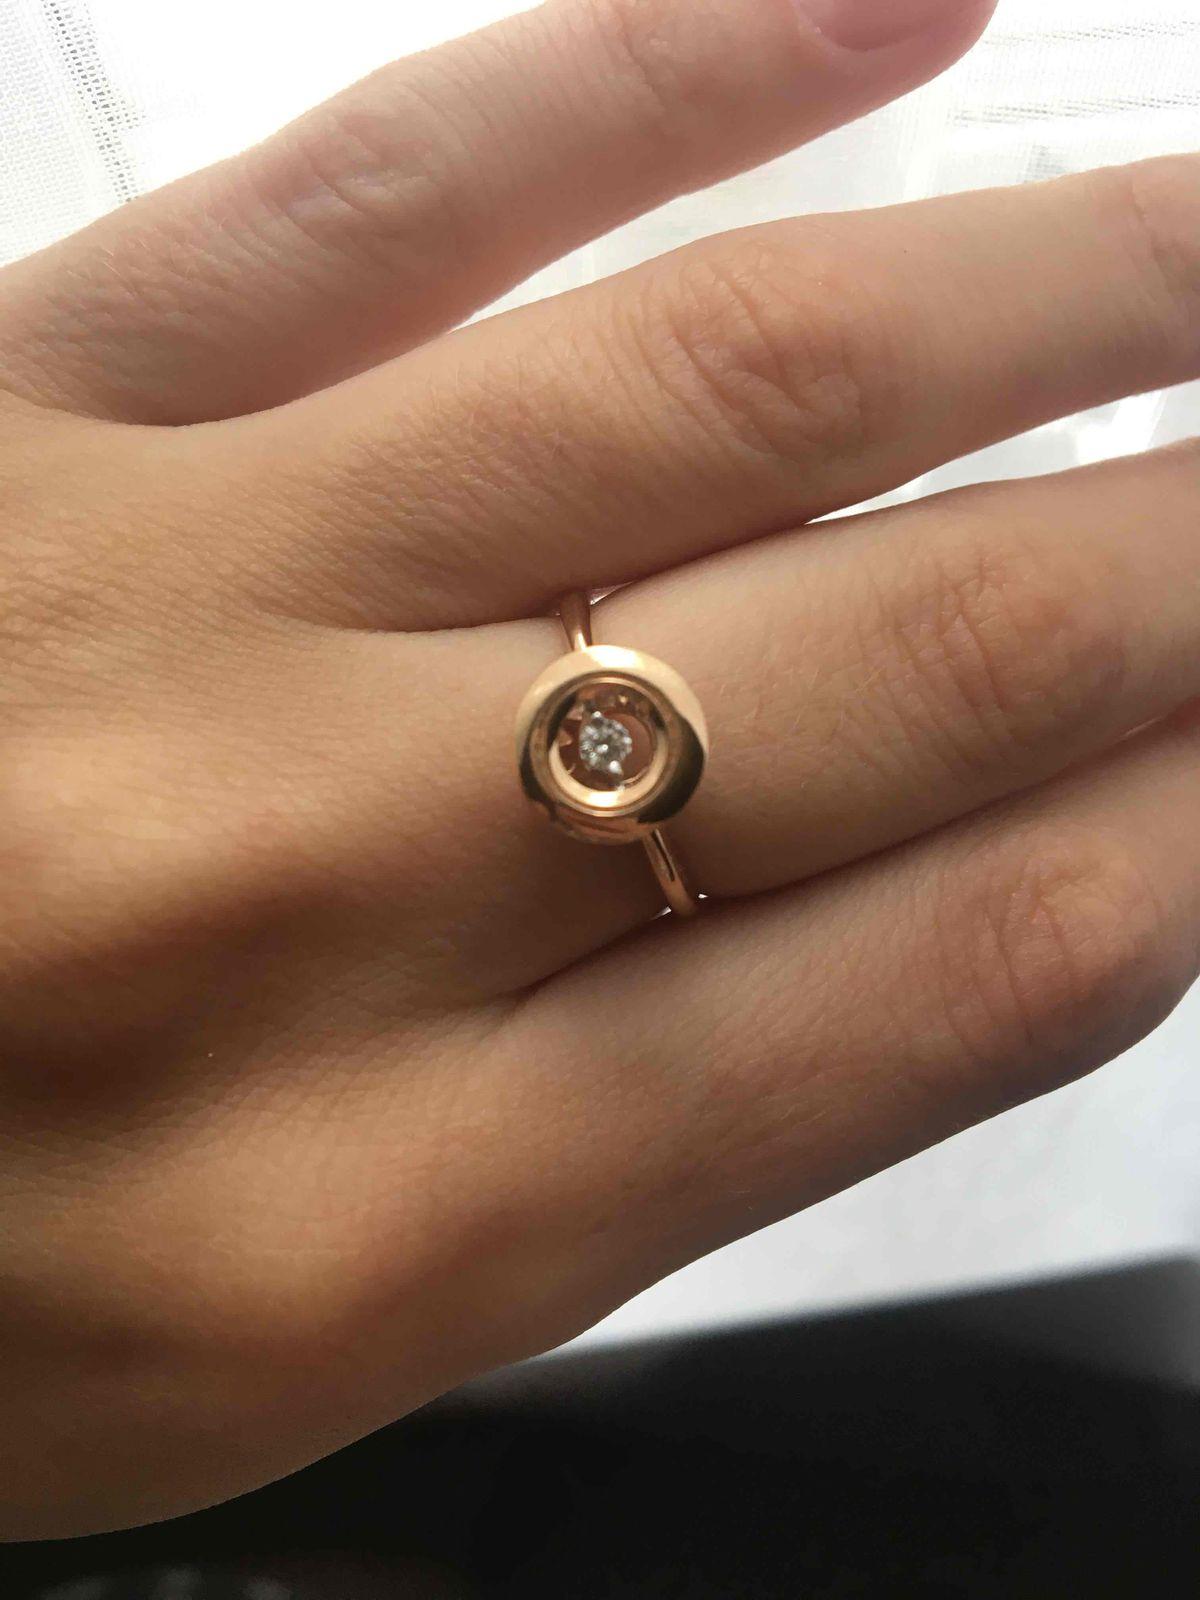 Кольцо просто супер!!!